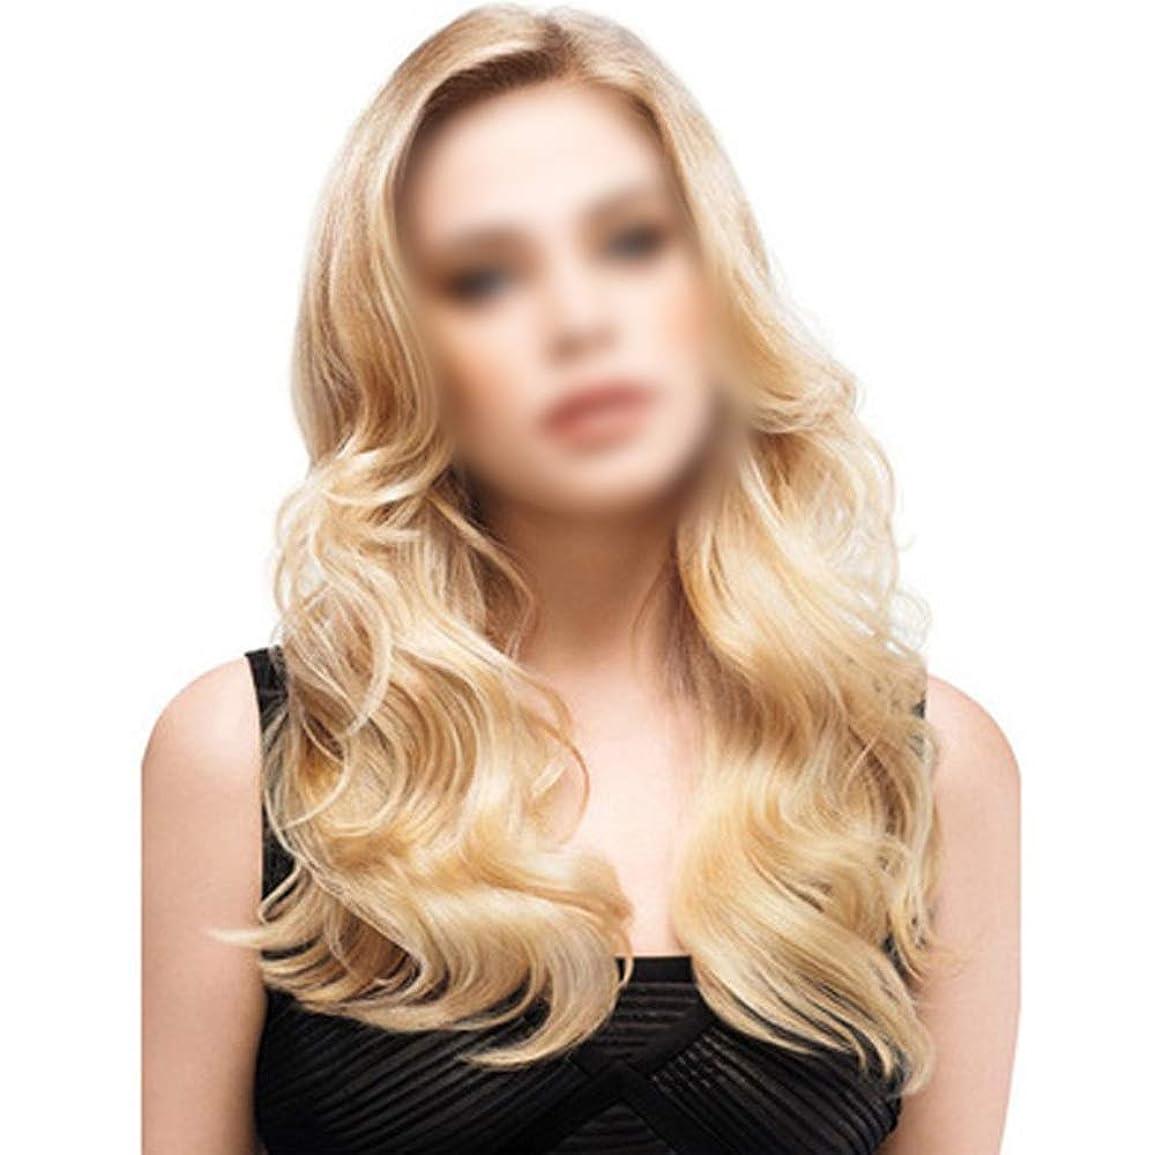 精神的におかしい増幅かつら 女性の日常の服のための長い巻き毛の波状のブロンドの髪かつら耐熱ファイバー+かつらキャップパーティーウィッグ (色 : Blonde, サイズ : 65cm)